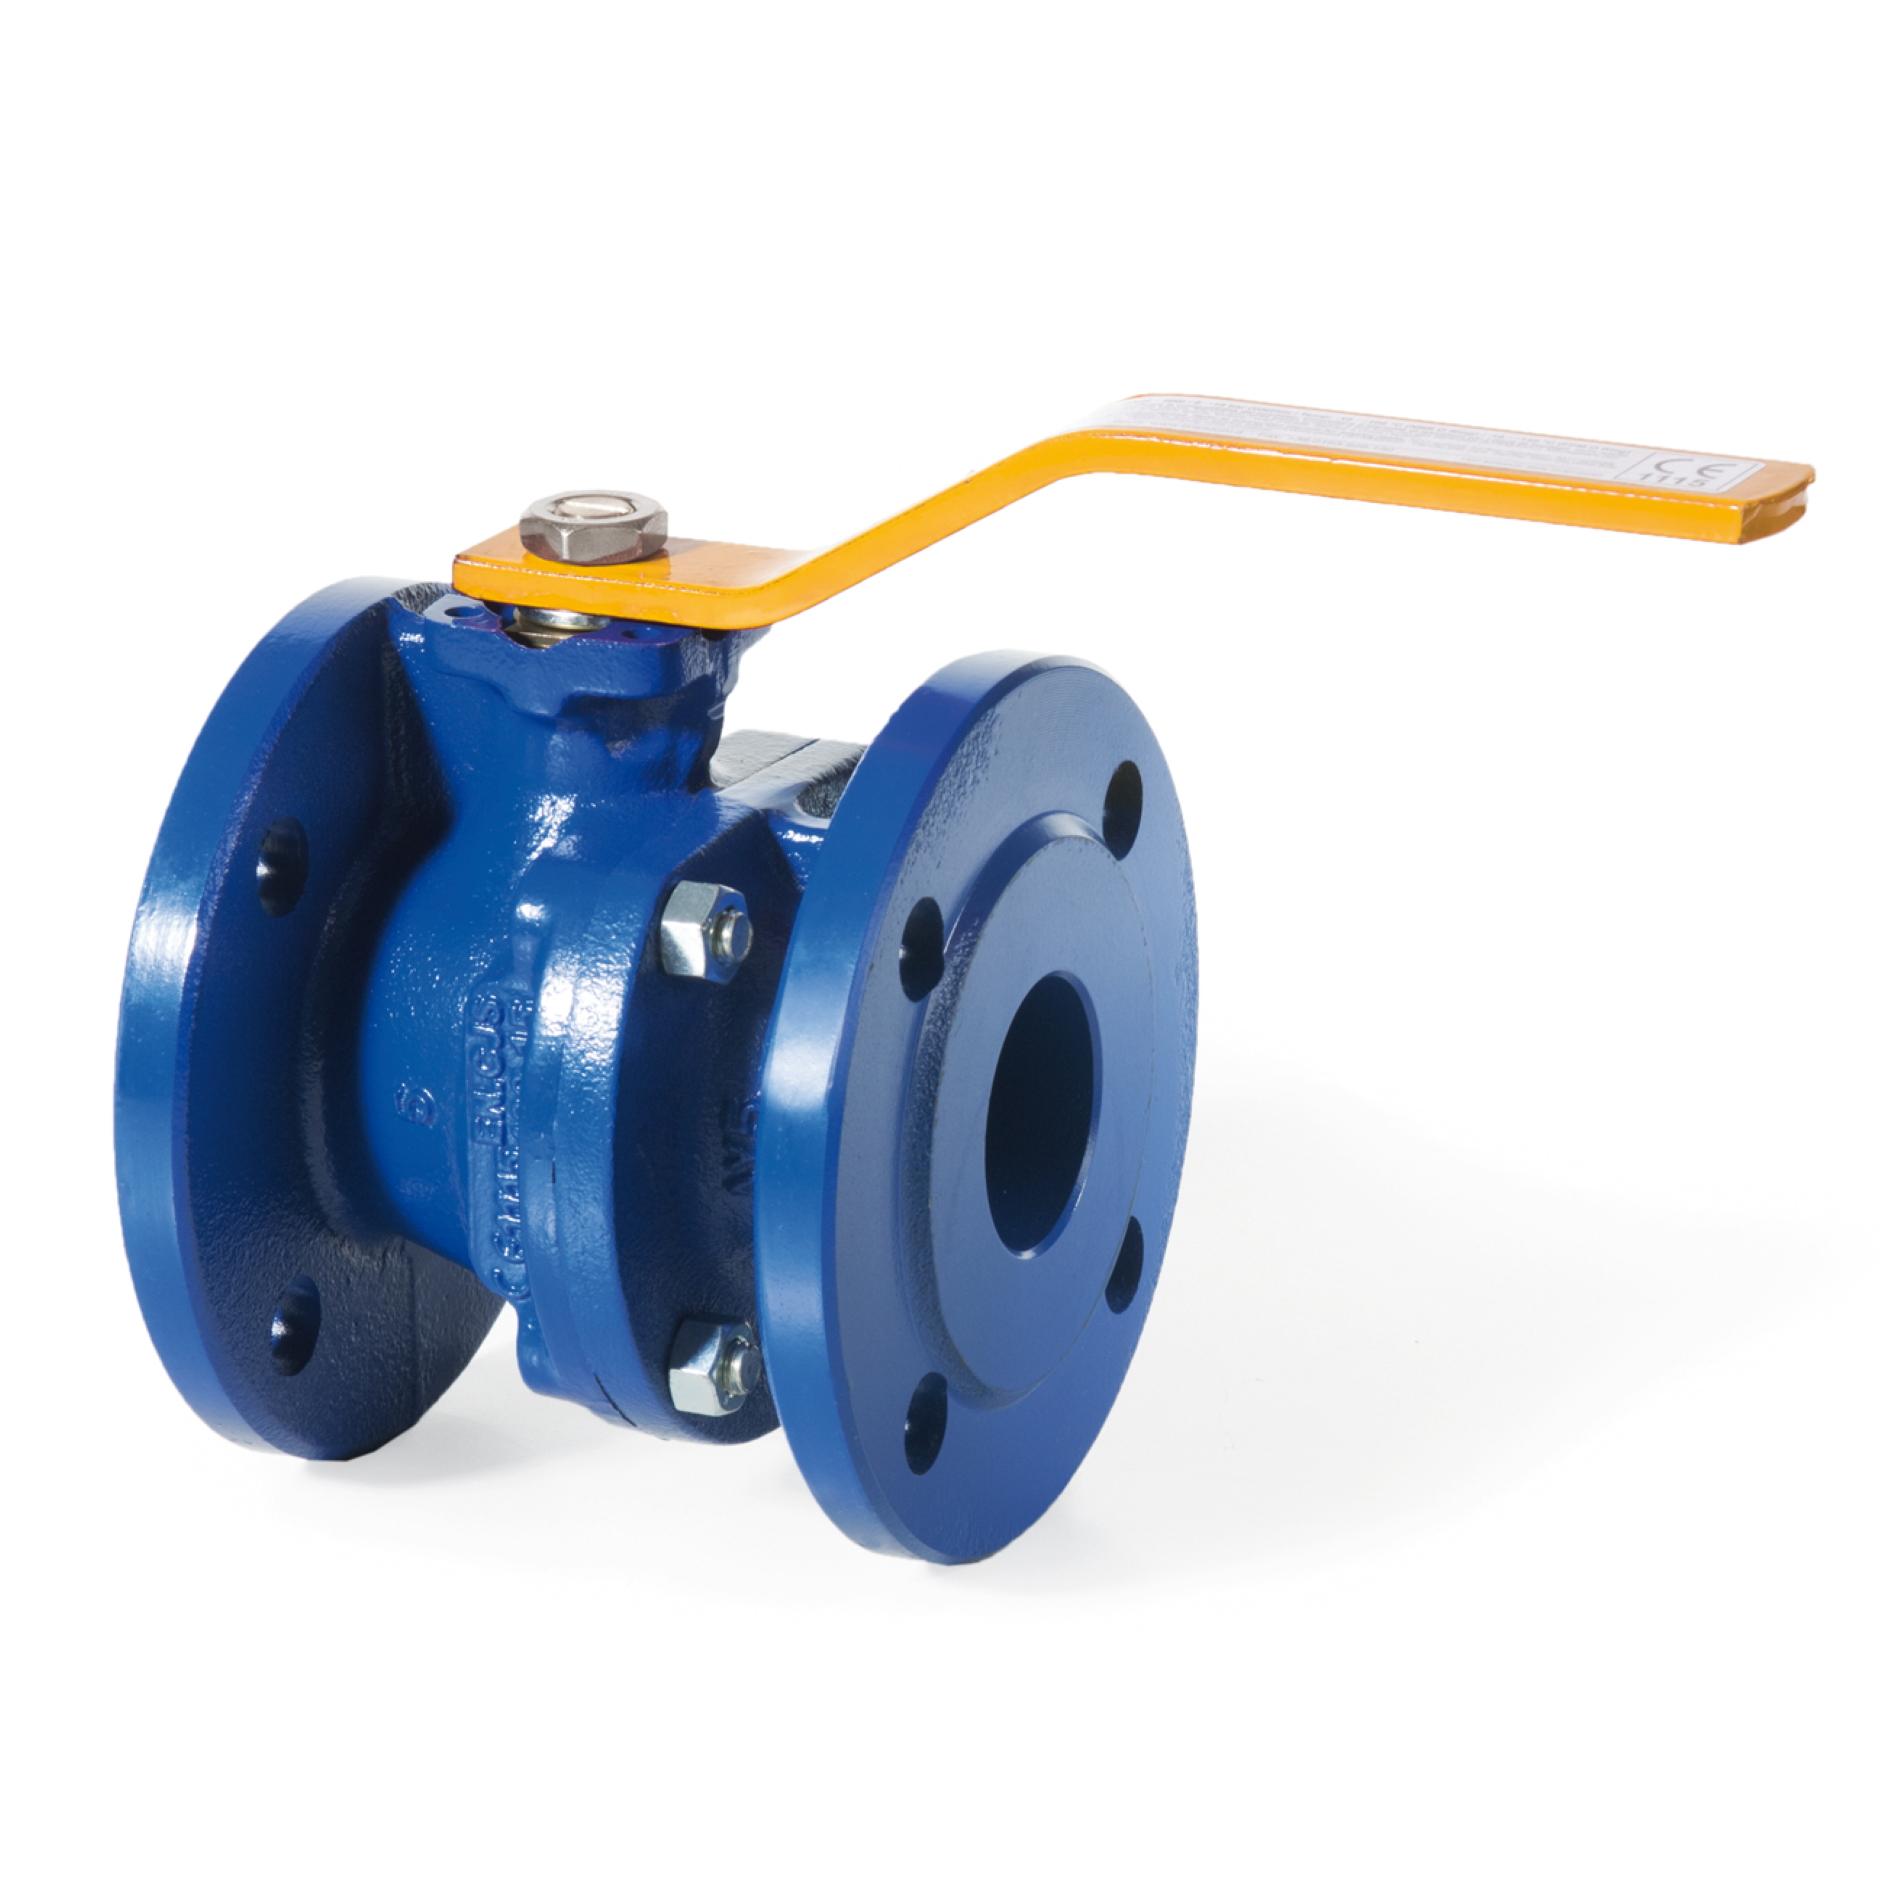 160 Valvola a sfera in ghisa a passaggio totale per gas metano con attacchi flangiati Full bore cast iron ball valve flanged PN 16